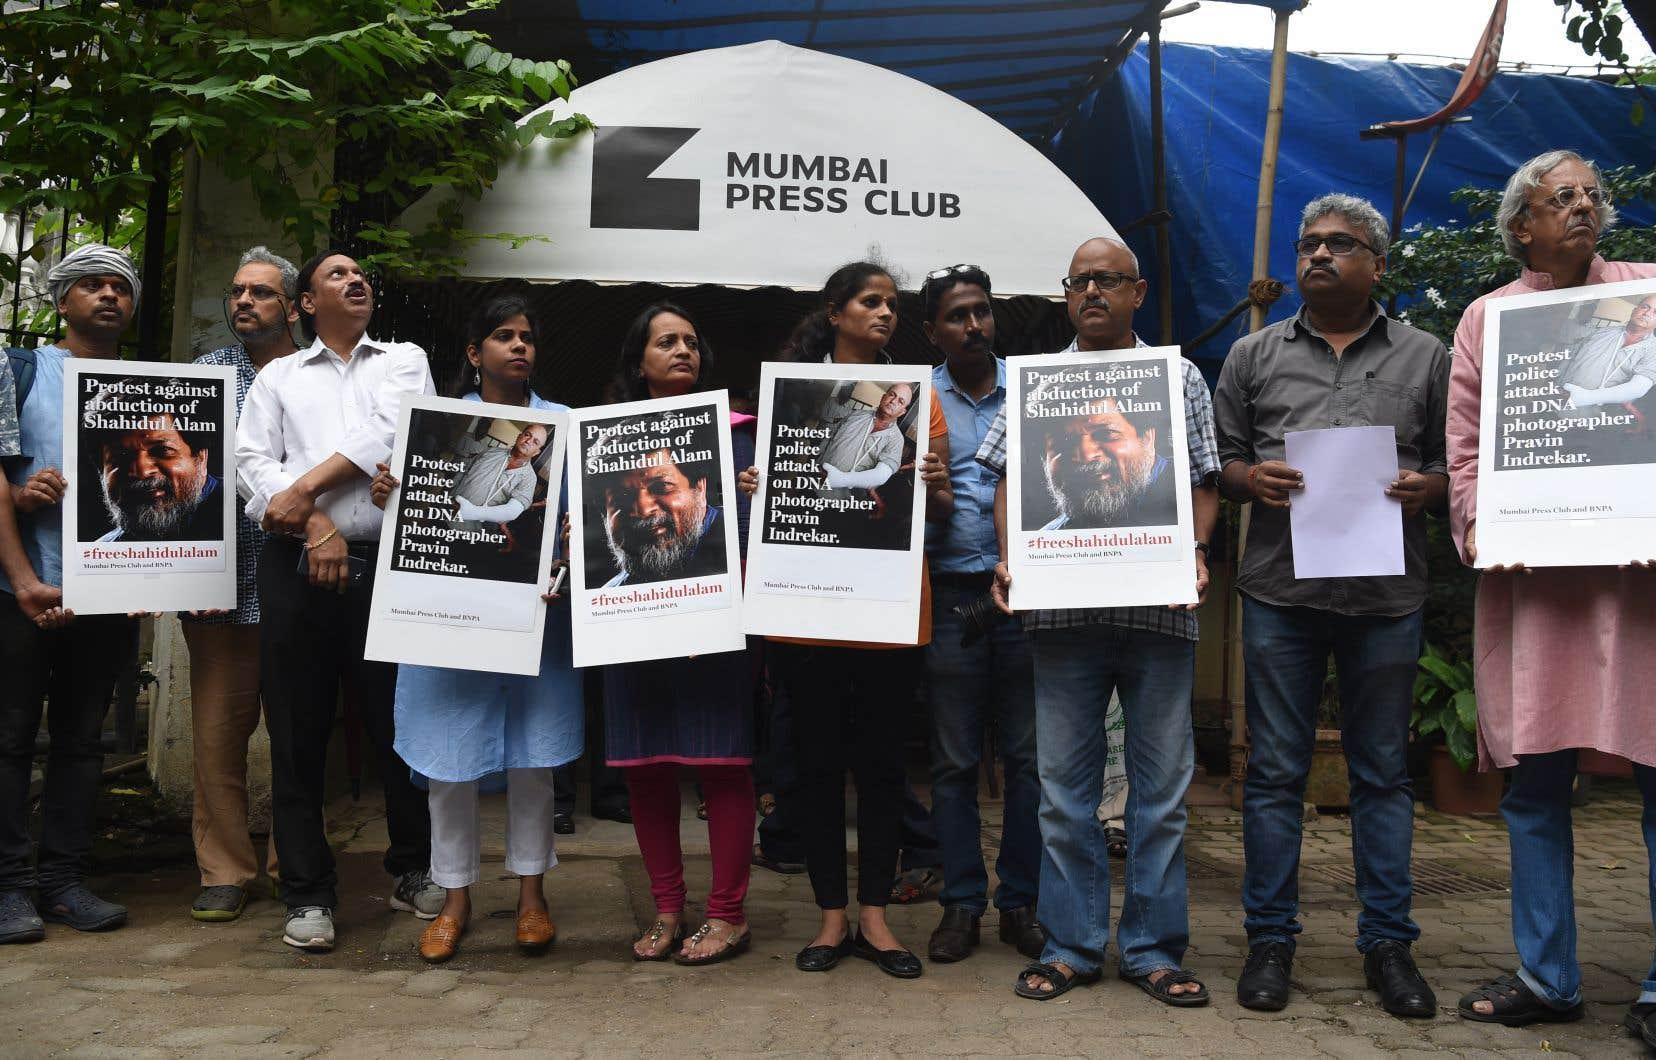 «La semaine dernière, malgré le travail acharné de ses procureurs, de sa famille et de ses amis, Alam s'est vu refuser pour la cinquième fois une mise en liberté provisoire», rappelle l'auteur.